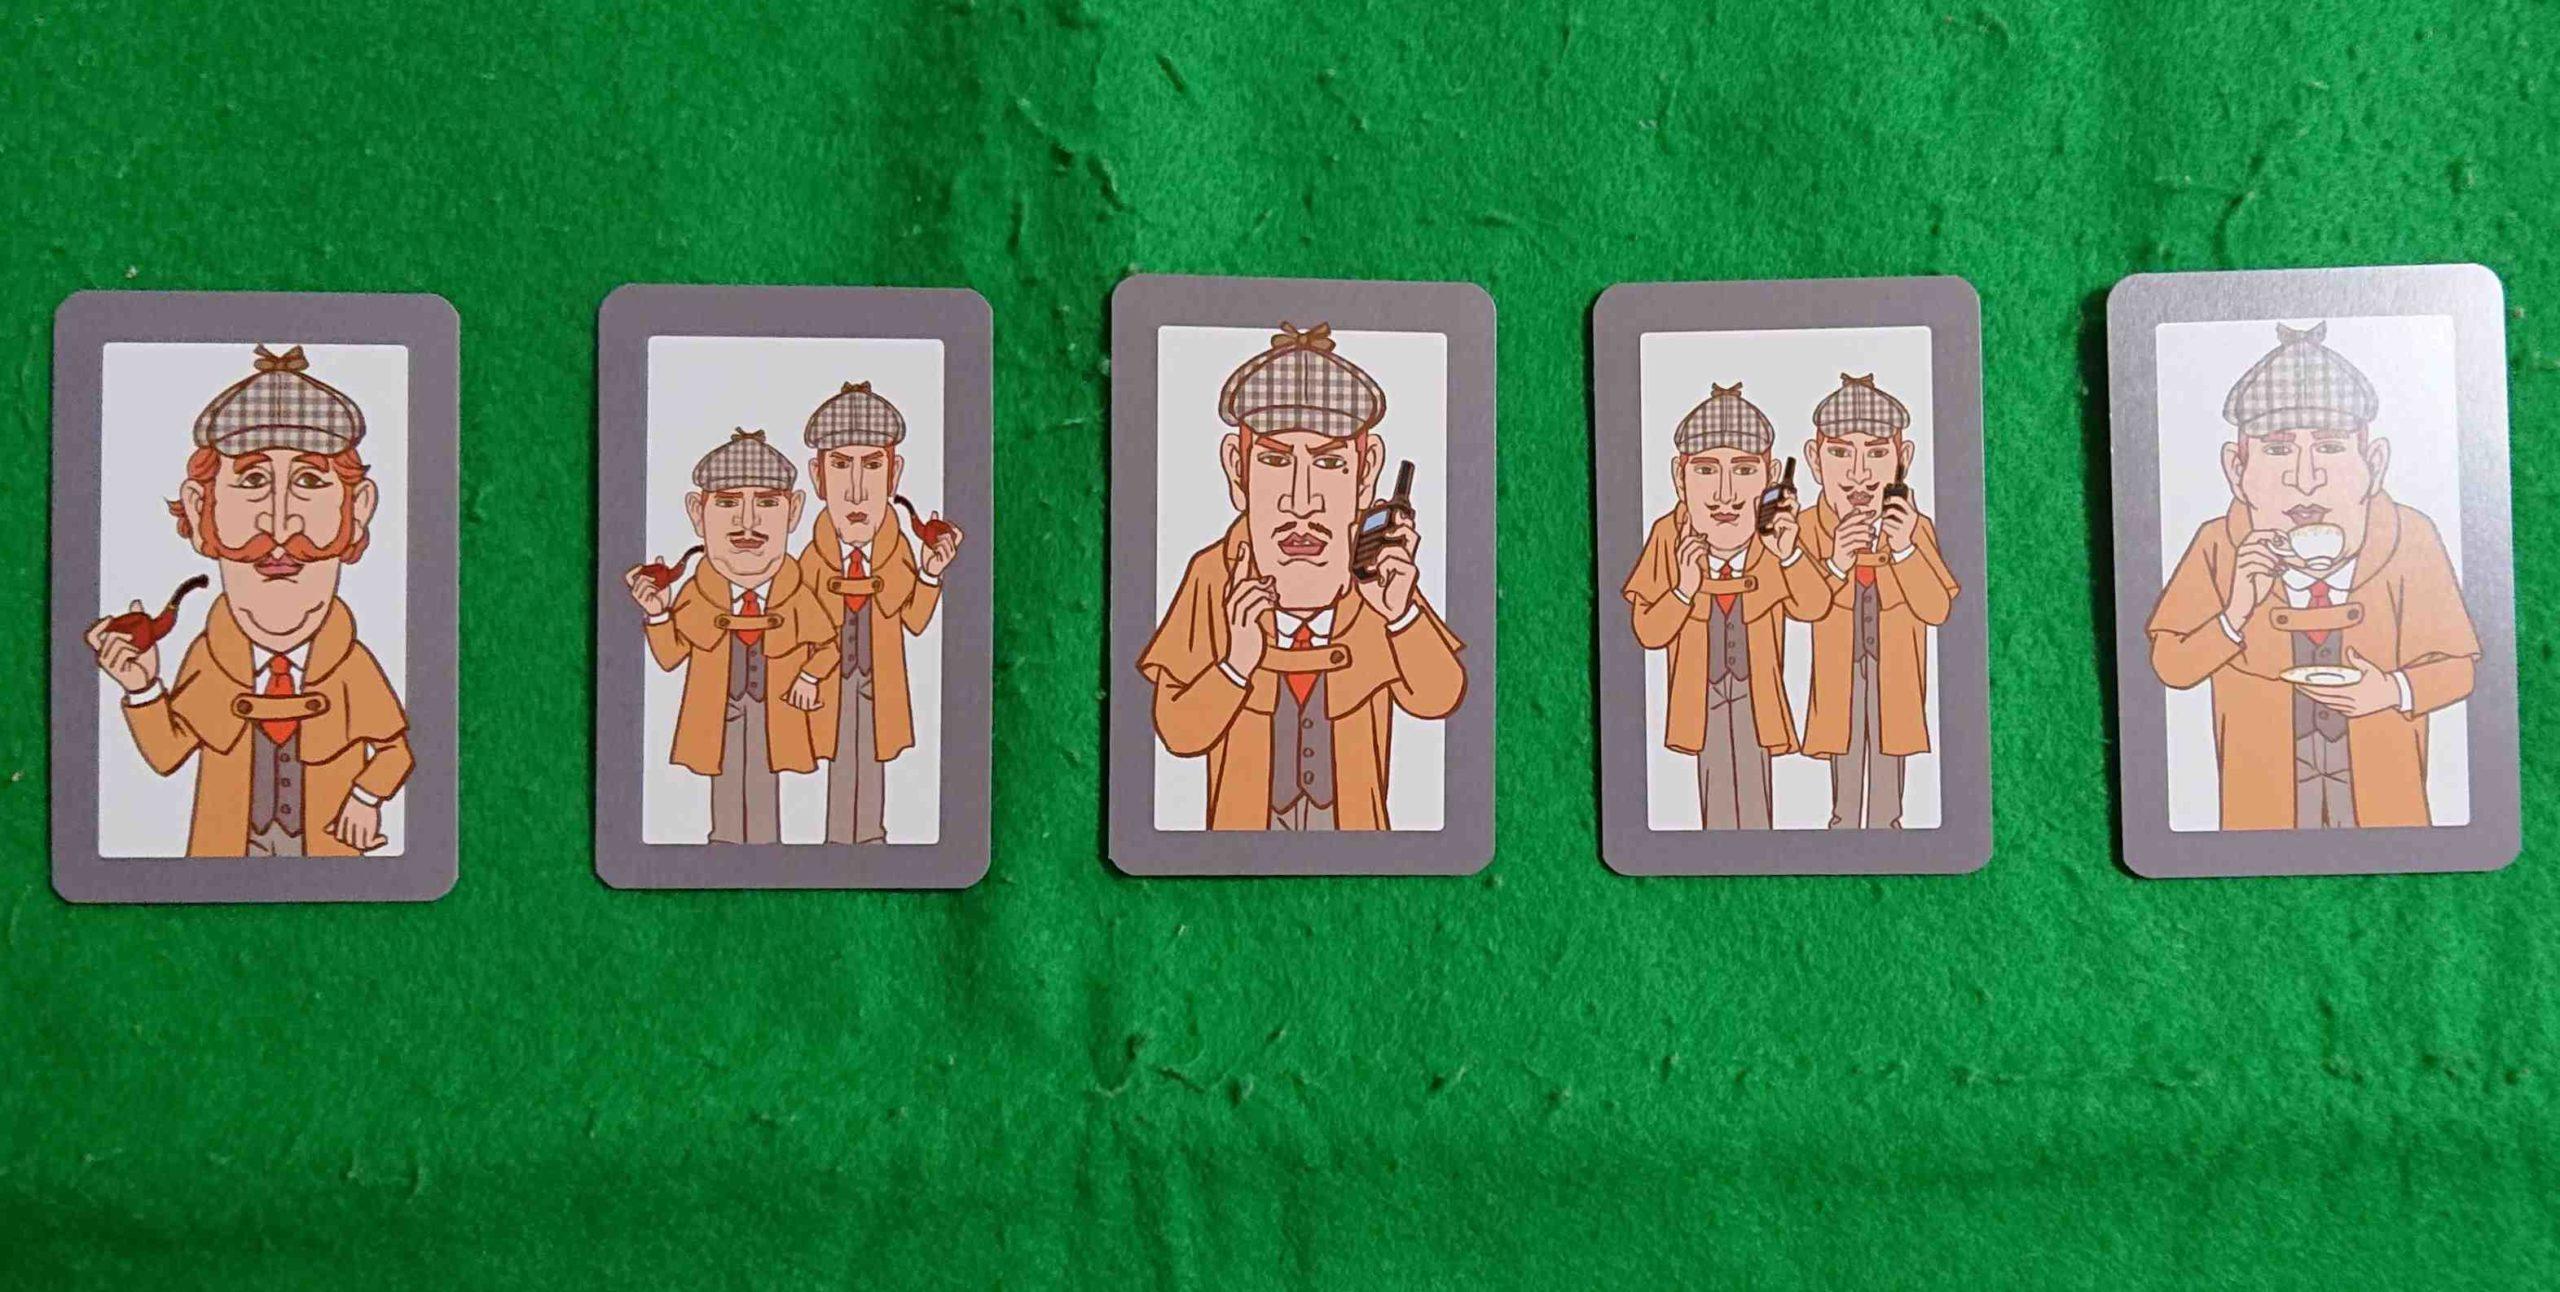 7人の探偵 ルール&レビュー カウント間違えに注意! 反射神経系 ボードゲーム